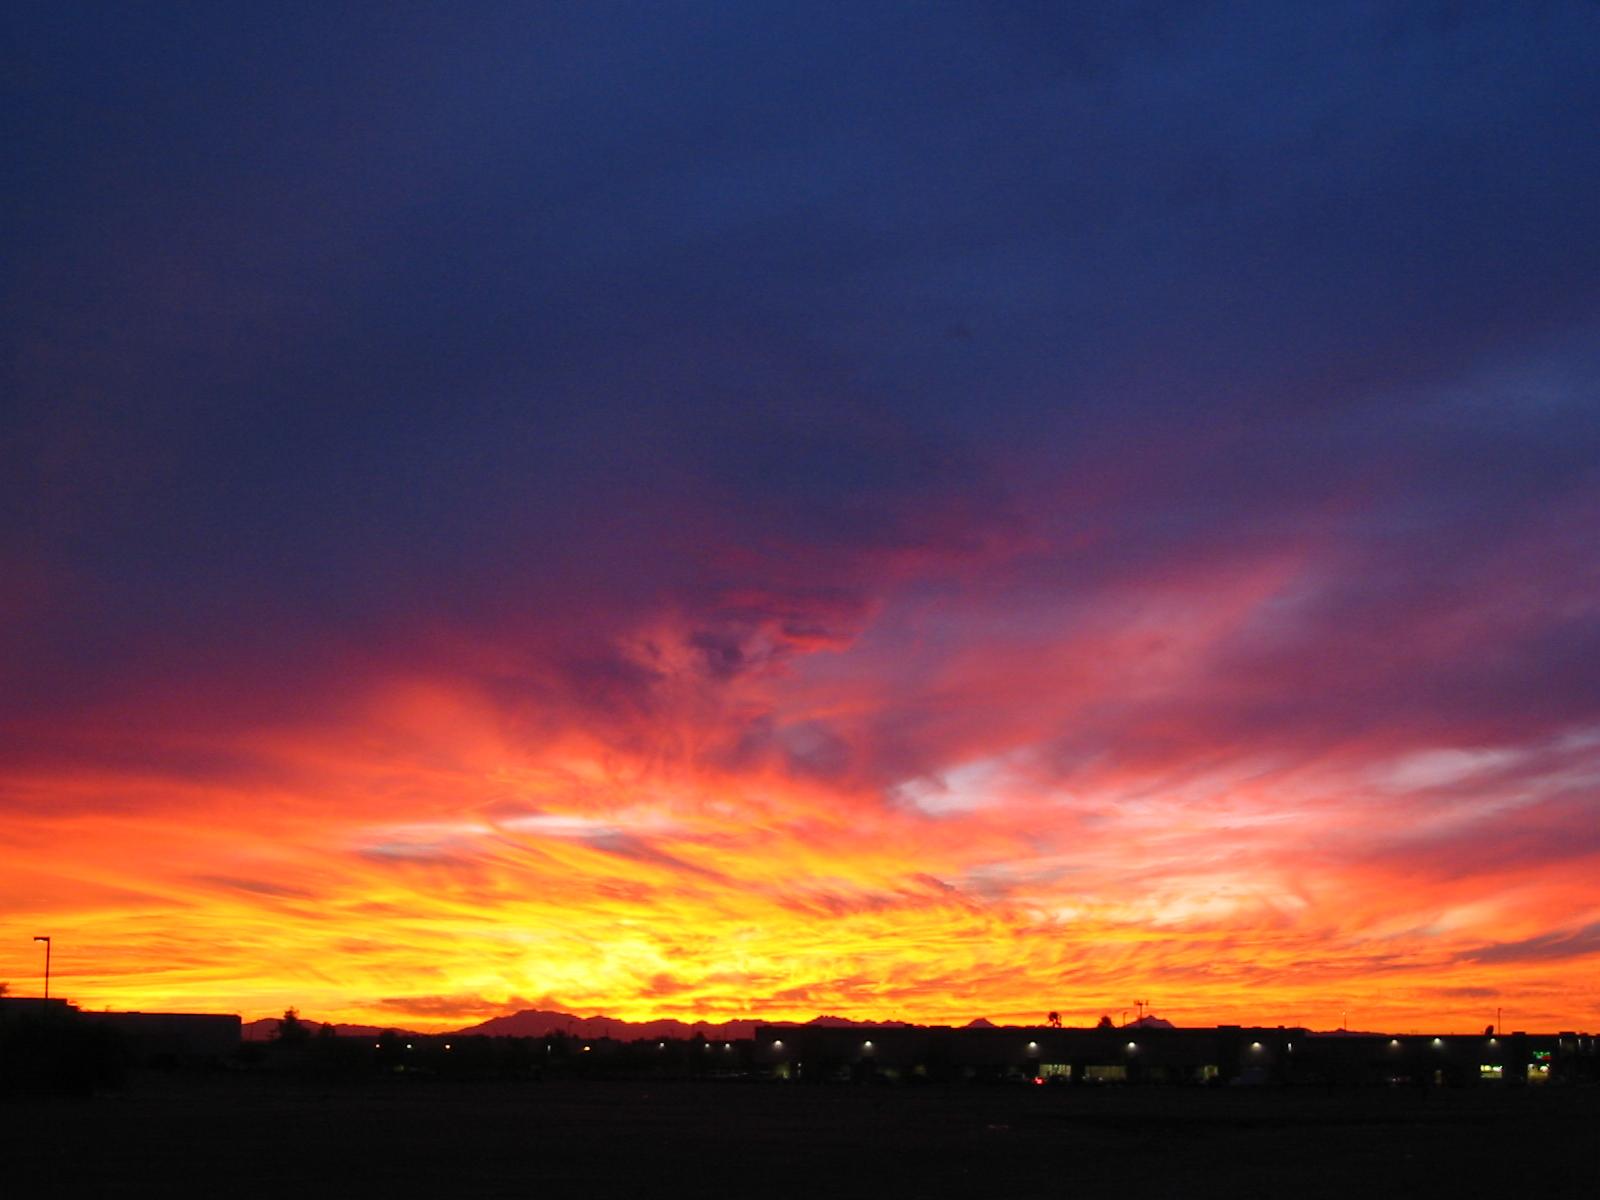 Arizona Sunset by cyko Arizona Sunset by cyko